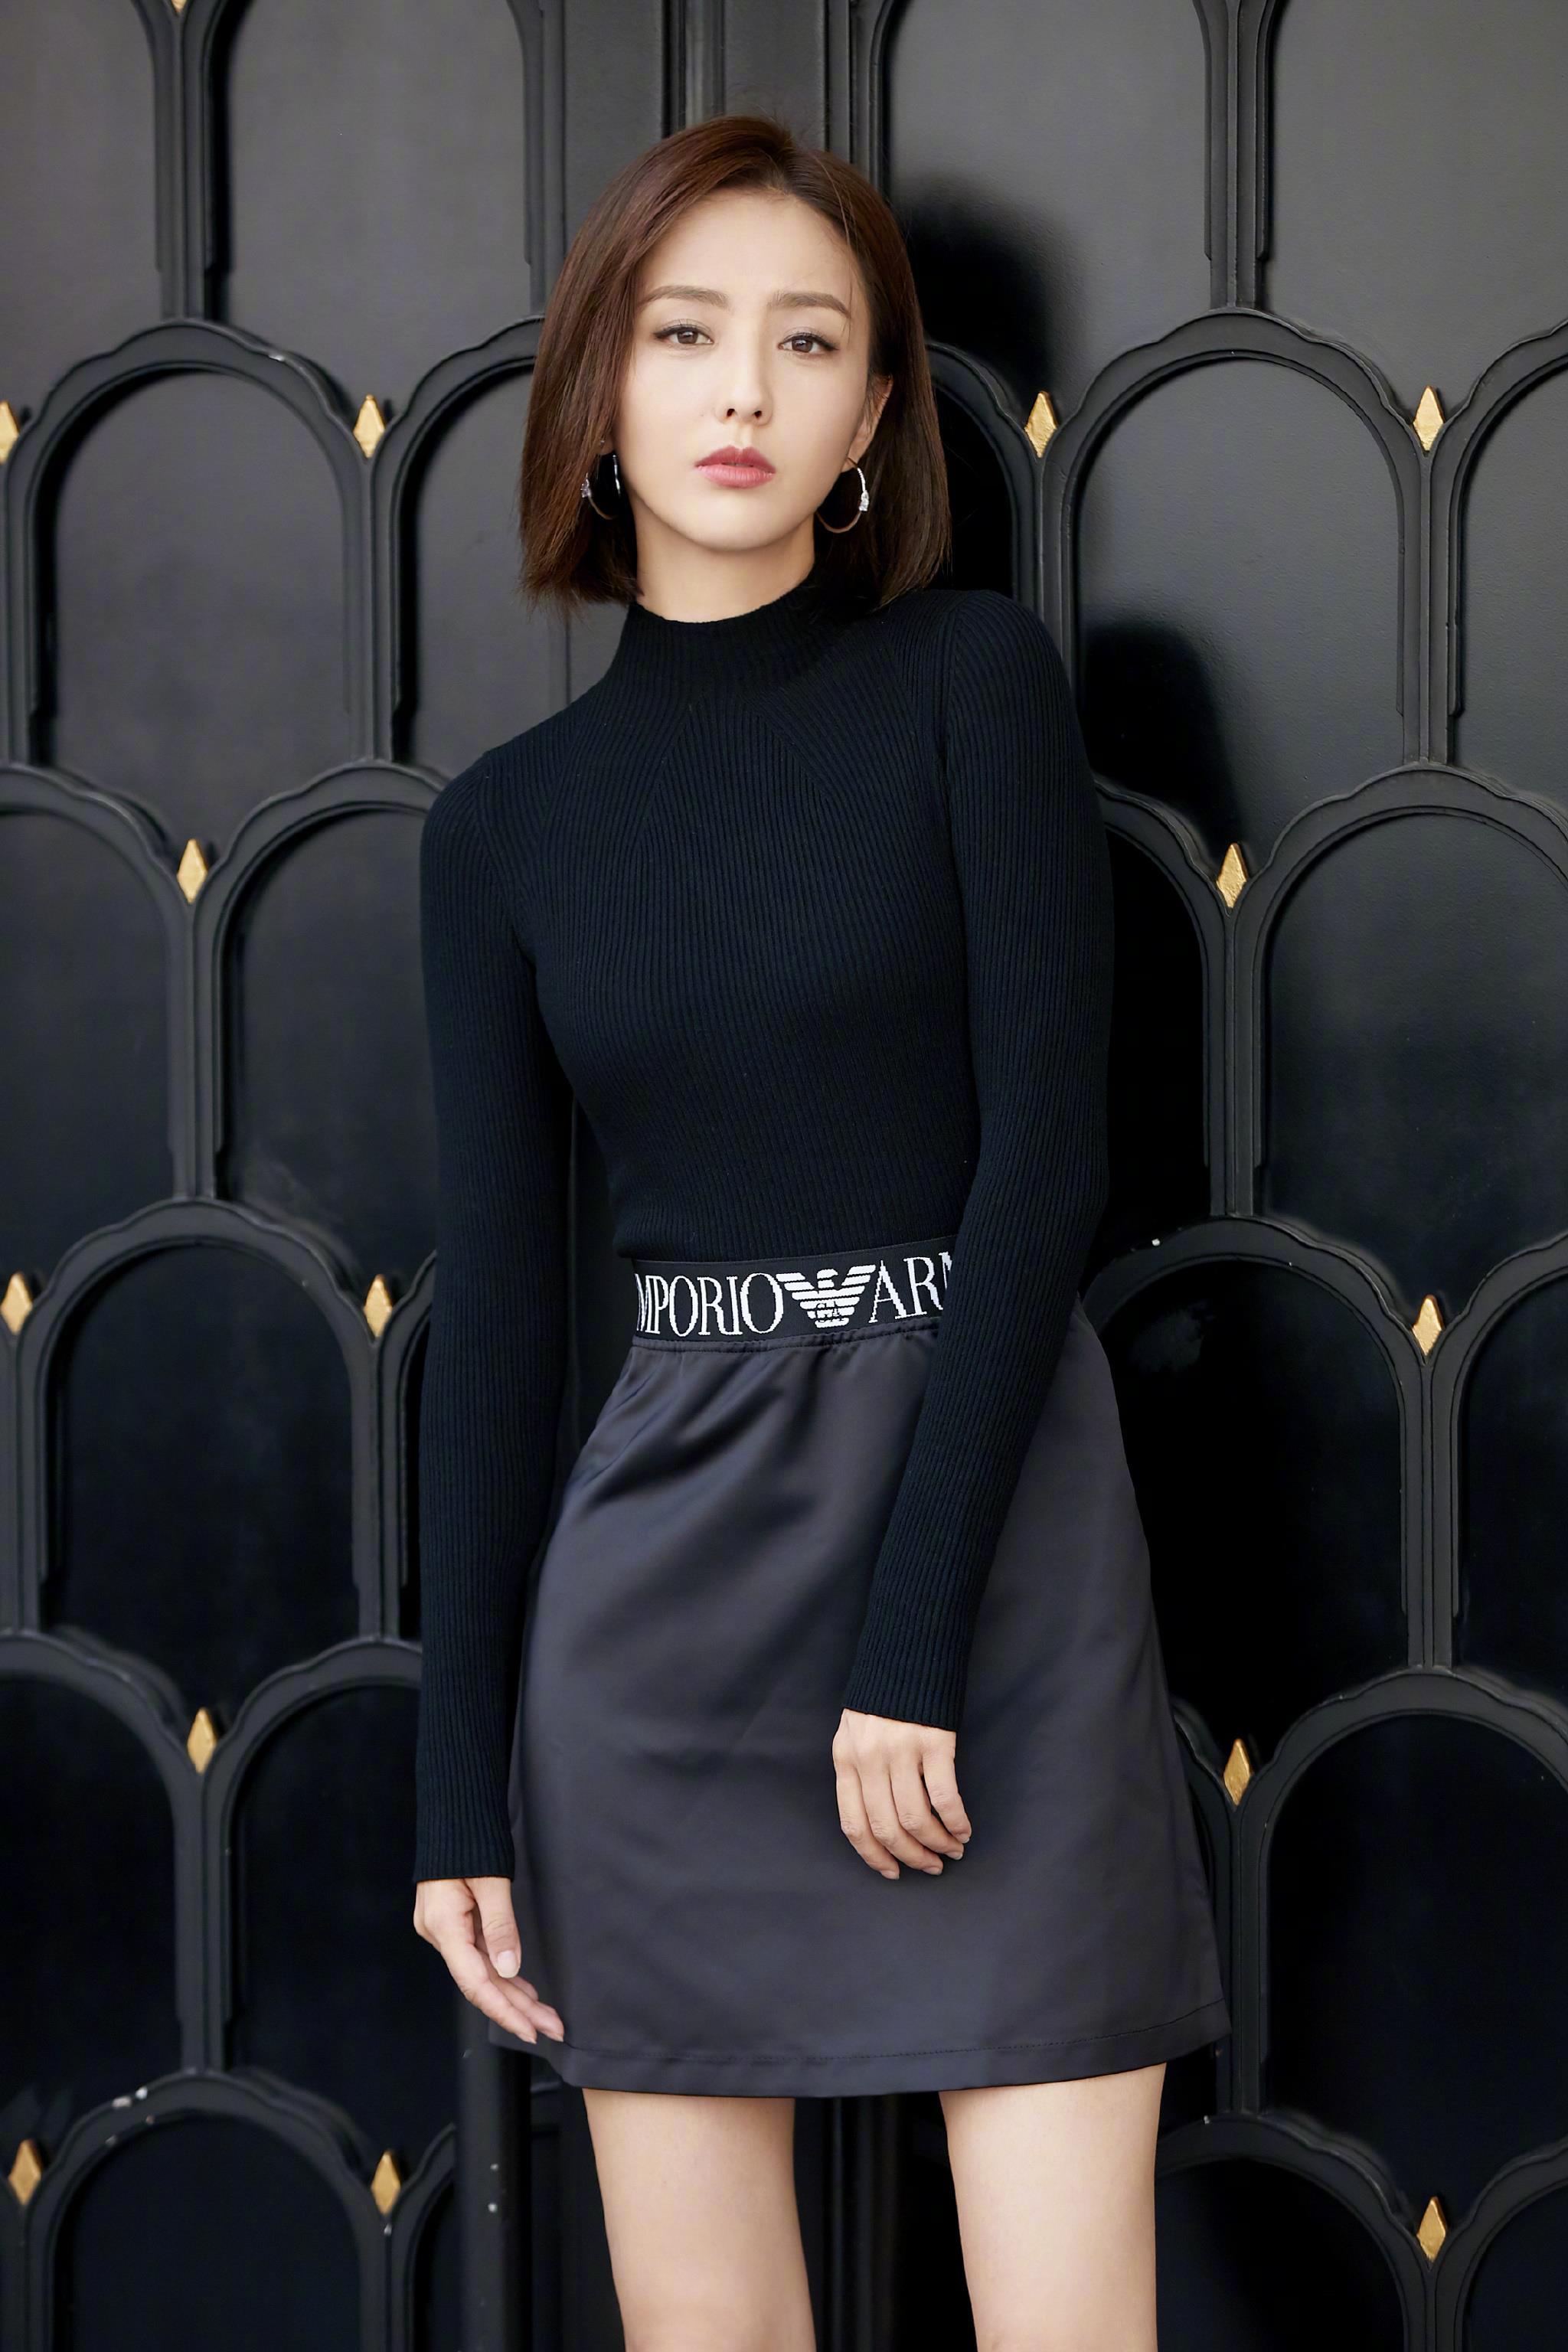 佟丽娅出发米兰时装周 修身短裙优雅知性,